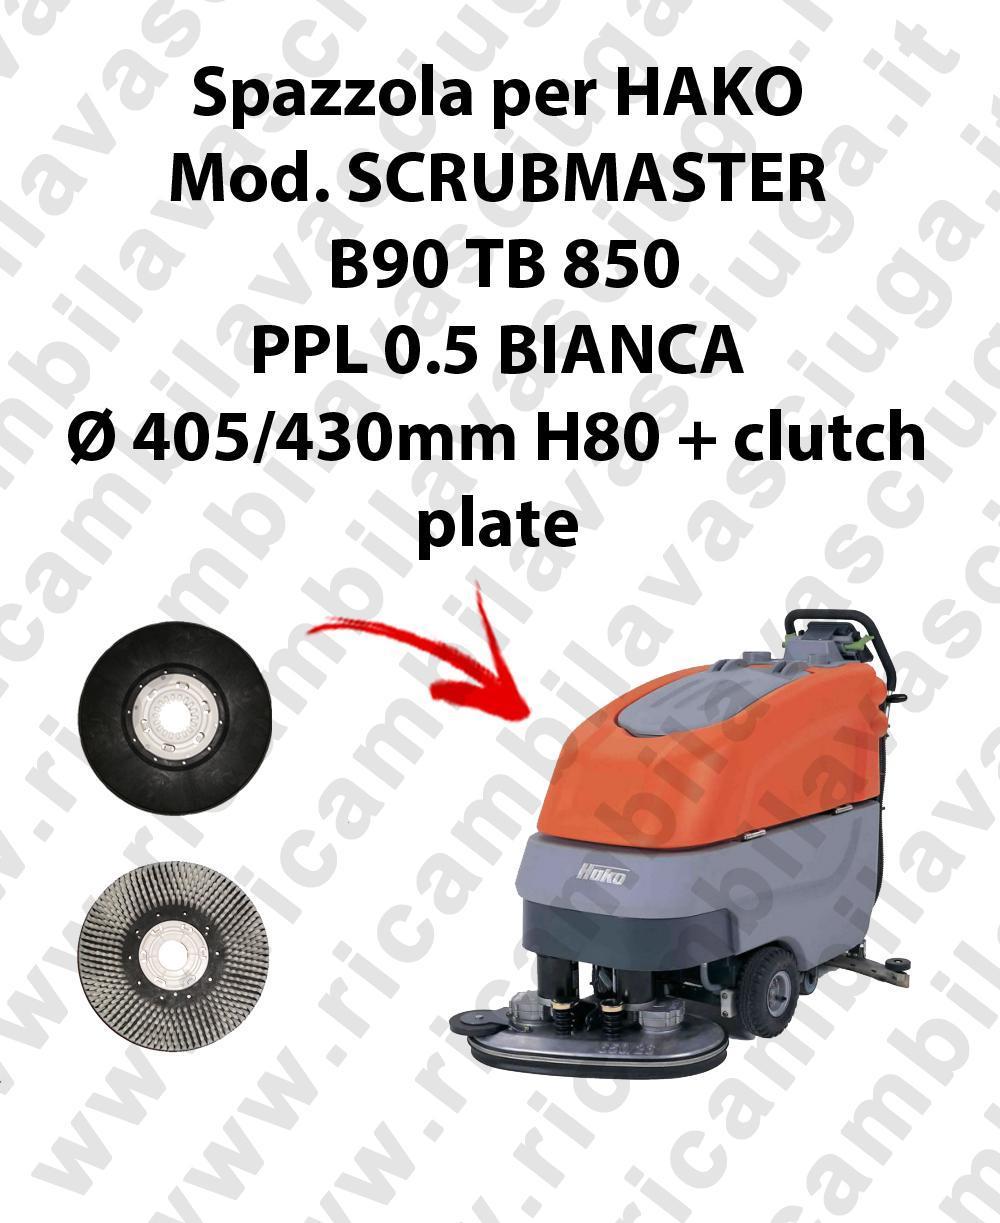 CEPILLO DE LAVADO  para fregadora HAKO modelo SCRUBMASTER B90 TB 850